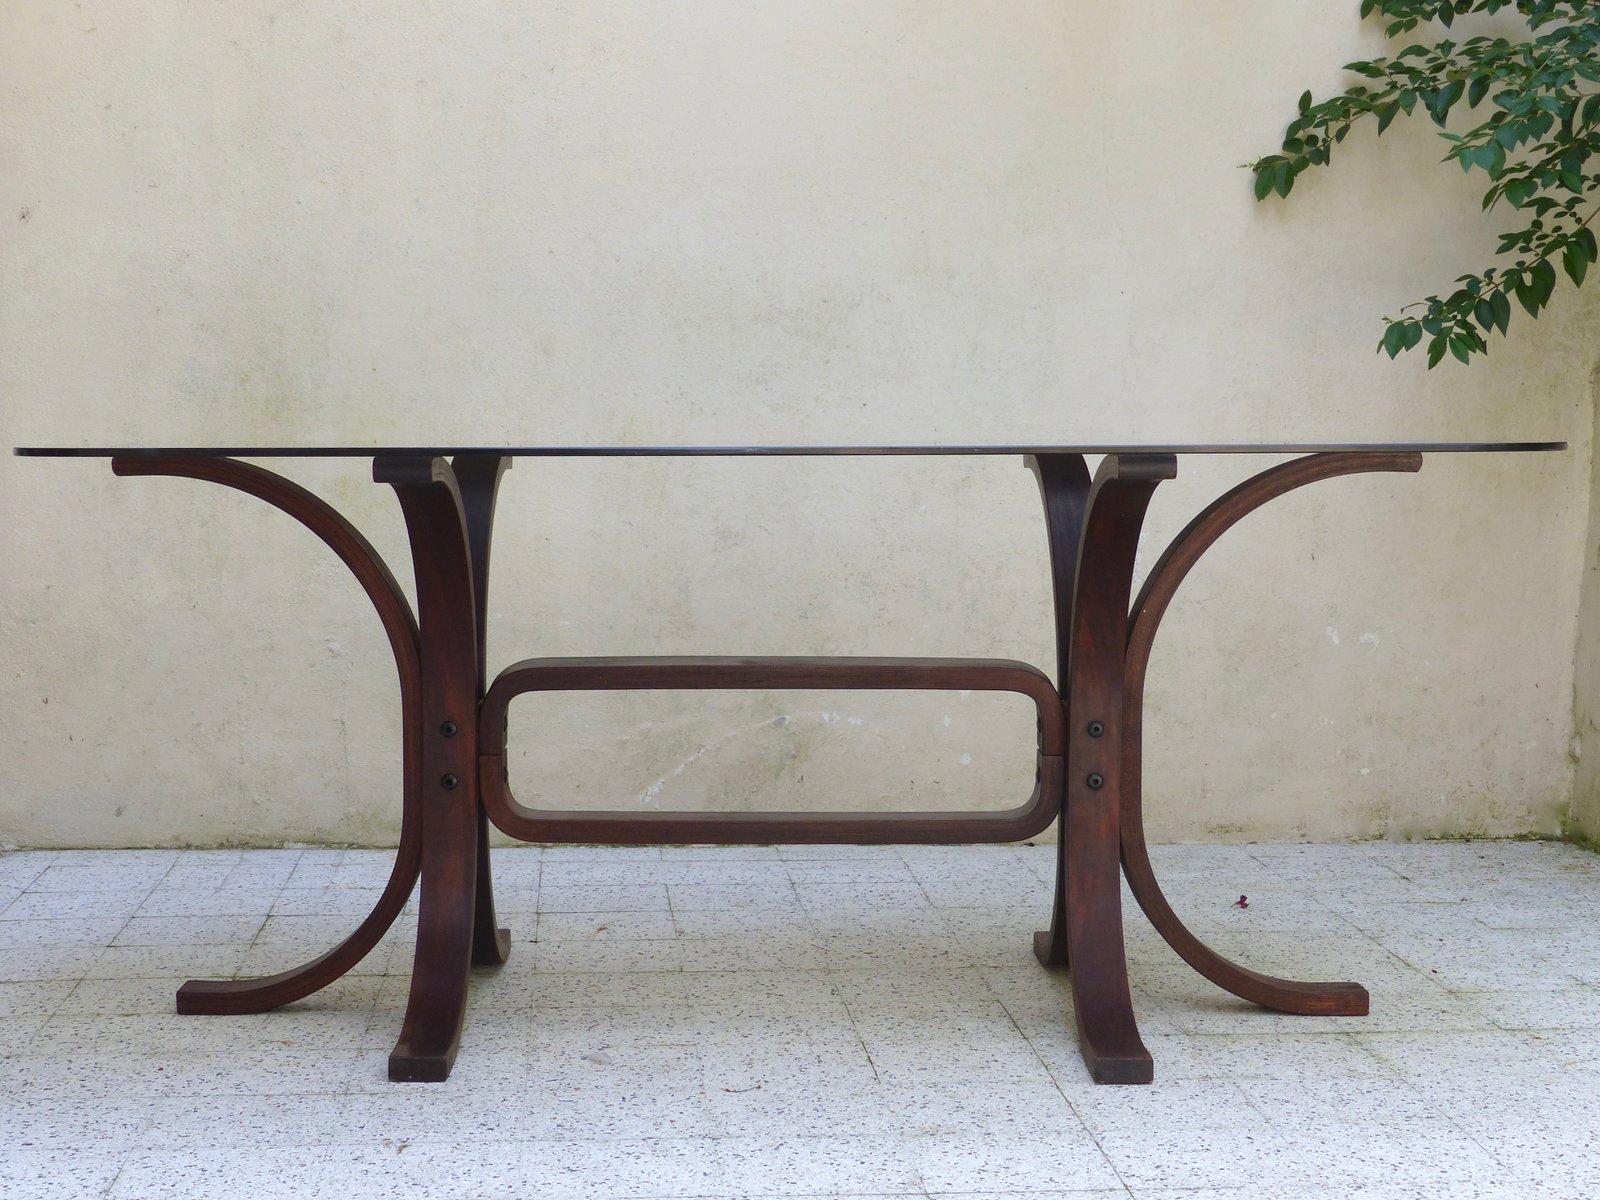 Vintage tisch aus glas geschwungenem holz bei pamono kaufen for Tisch holz glas